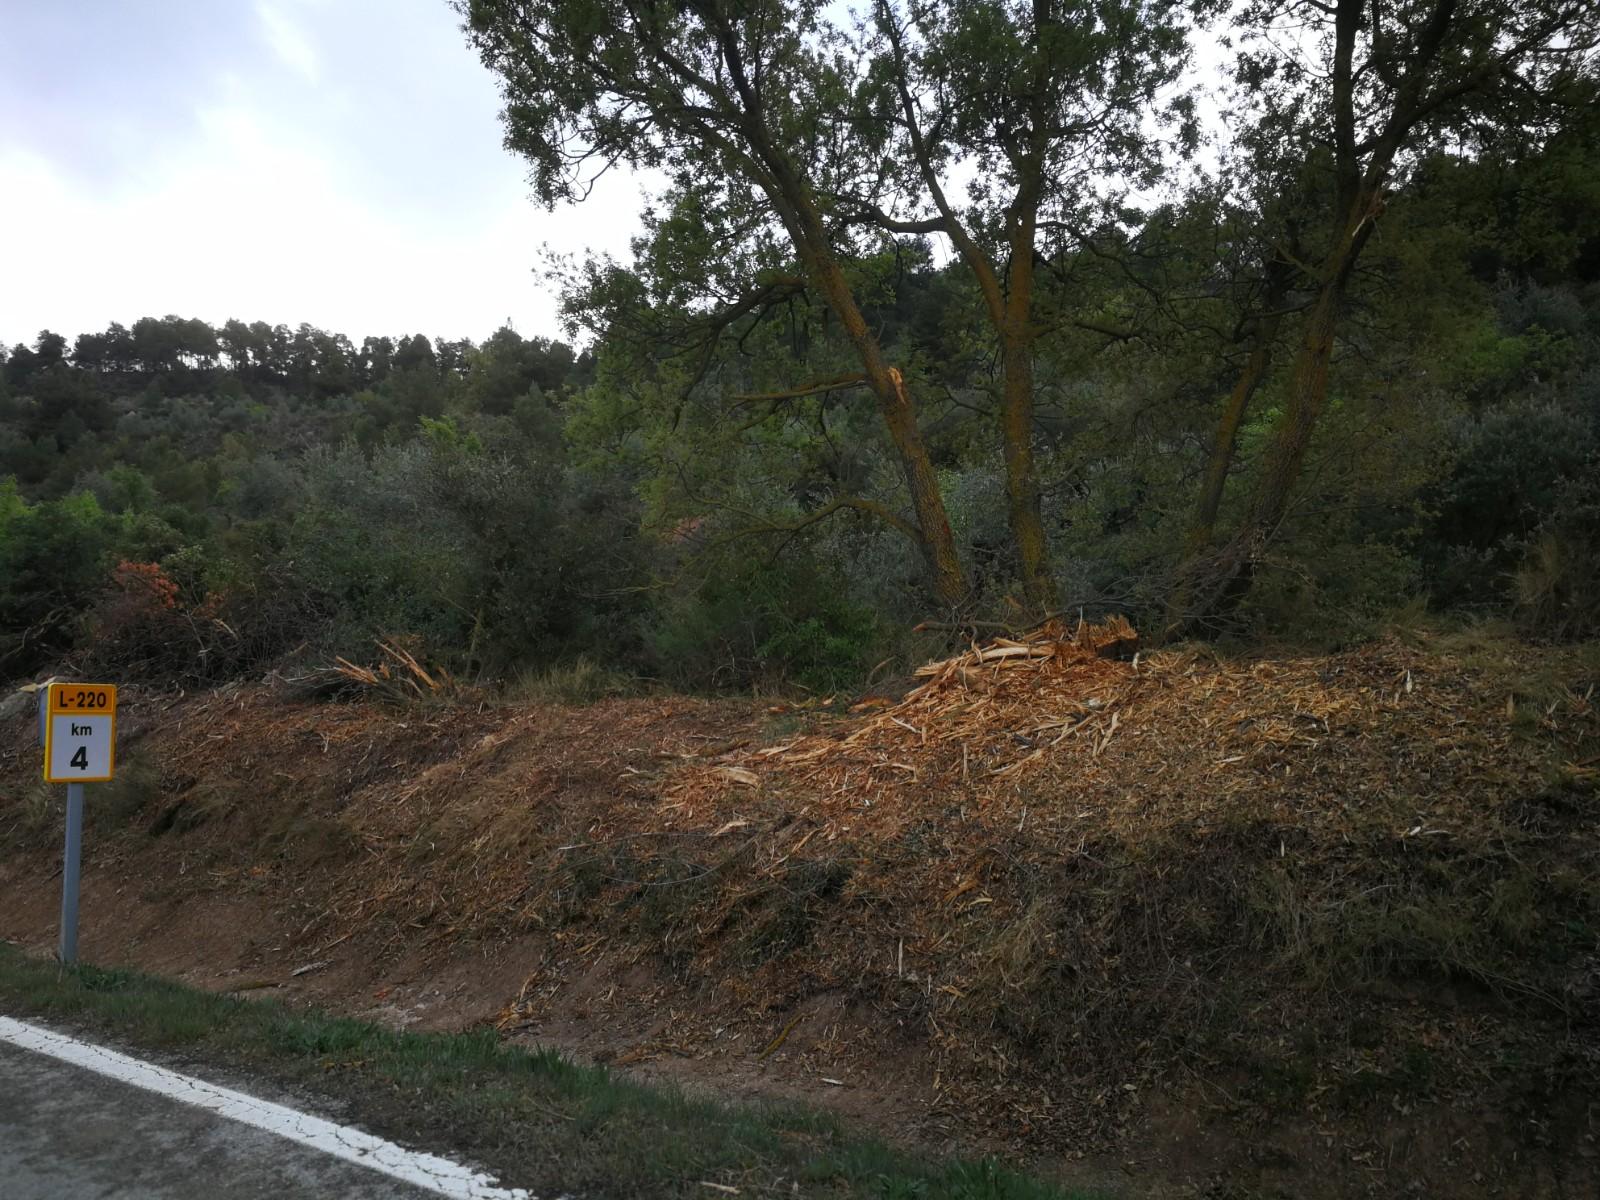 El grup ecològista Gema denuncia la tala d'arbat a les carreteres C-14 i L- 220 a la comarca de l'Urgell.